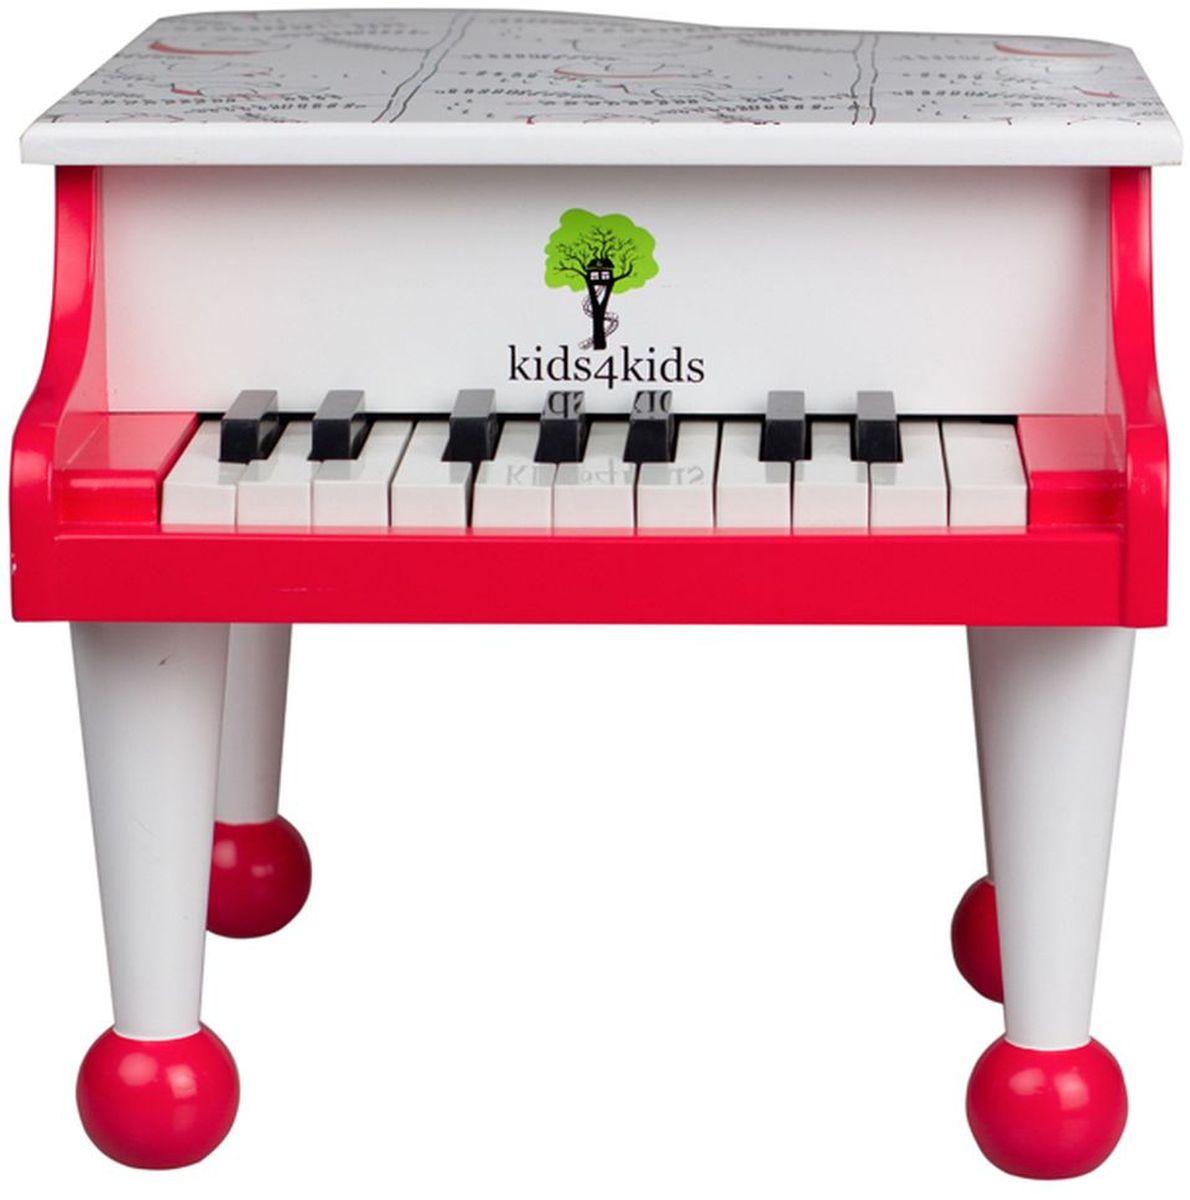 Kids4Kids Музыкальная игрушка Рояль Волшебные нотыHY20003Замечательный рояль Волшебные ноты станет для ребенка первым музыкальным инструментом, с которым он сделает первые шаги в музыке. Яркий рояль непременно вызовет интерес малыша к занятию музыкой. Игрушка способствует развитию умственных способностей, мелкой моторики и формирует чувство прекрасного. Рояль имеет 18 клавиш и 1,5 октавы. Этого достаточно для знакомства с нотами и чтобы малыш разучил несколько простых детских песенок. Игрушка изготовлена из высококачественных натуральных материалов.